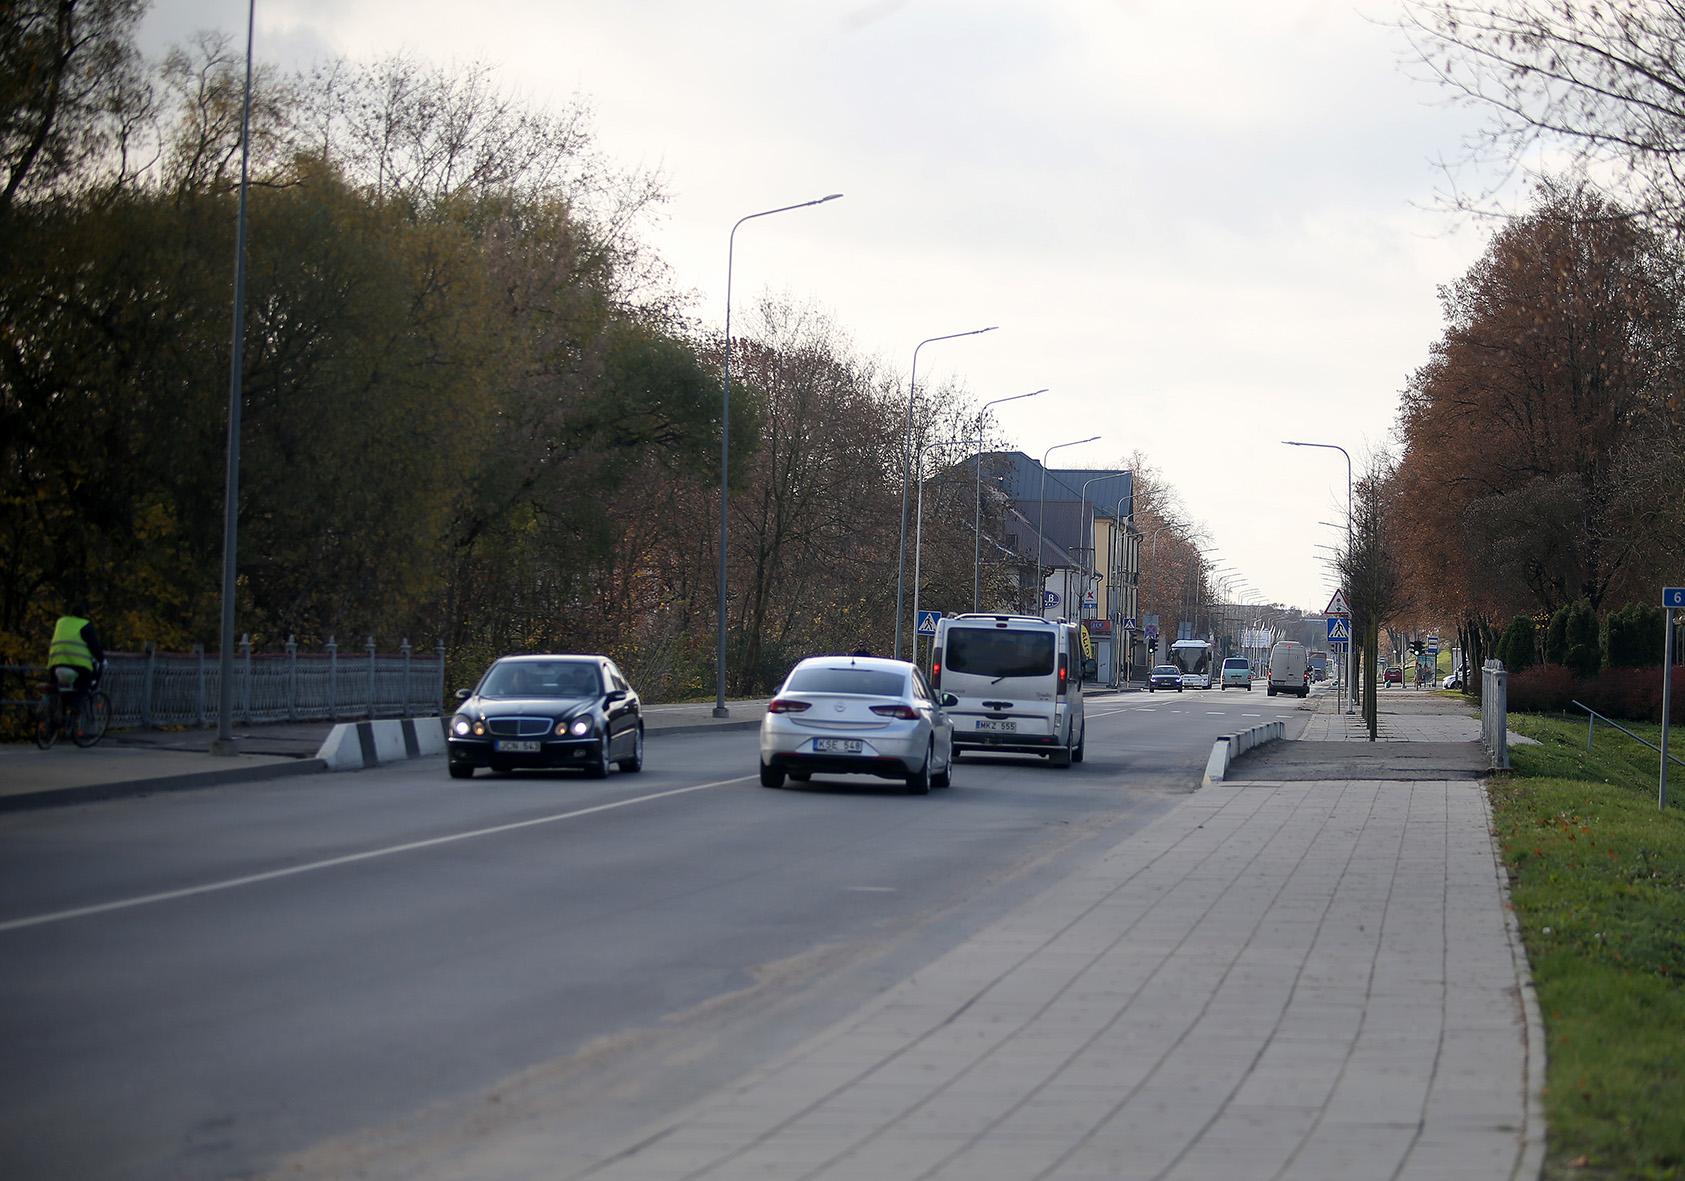 Kėdainių J. Basanavičiaus gatvė su visais trimis tiltais greičiausiai bus sutvarkyta nepanaudojant savivaldybės pinigų.